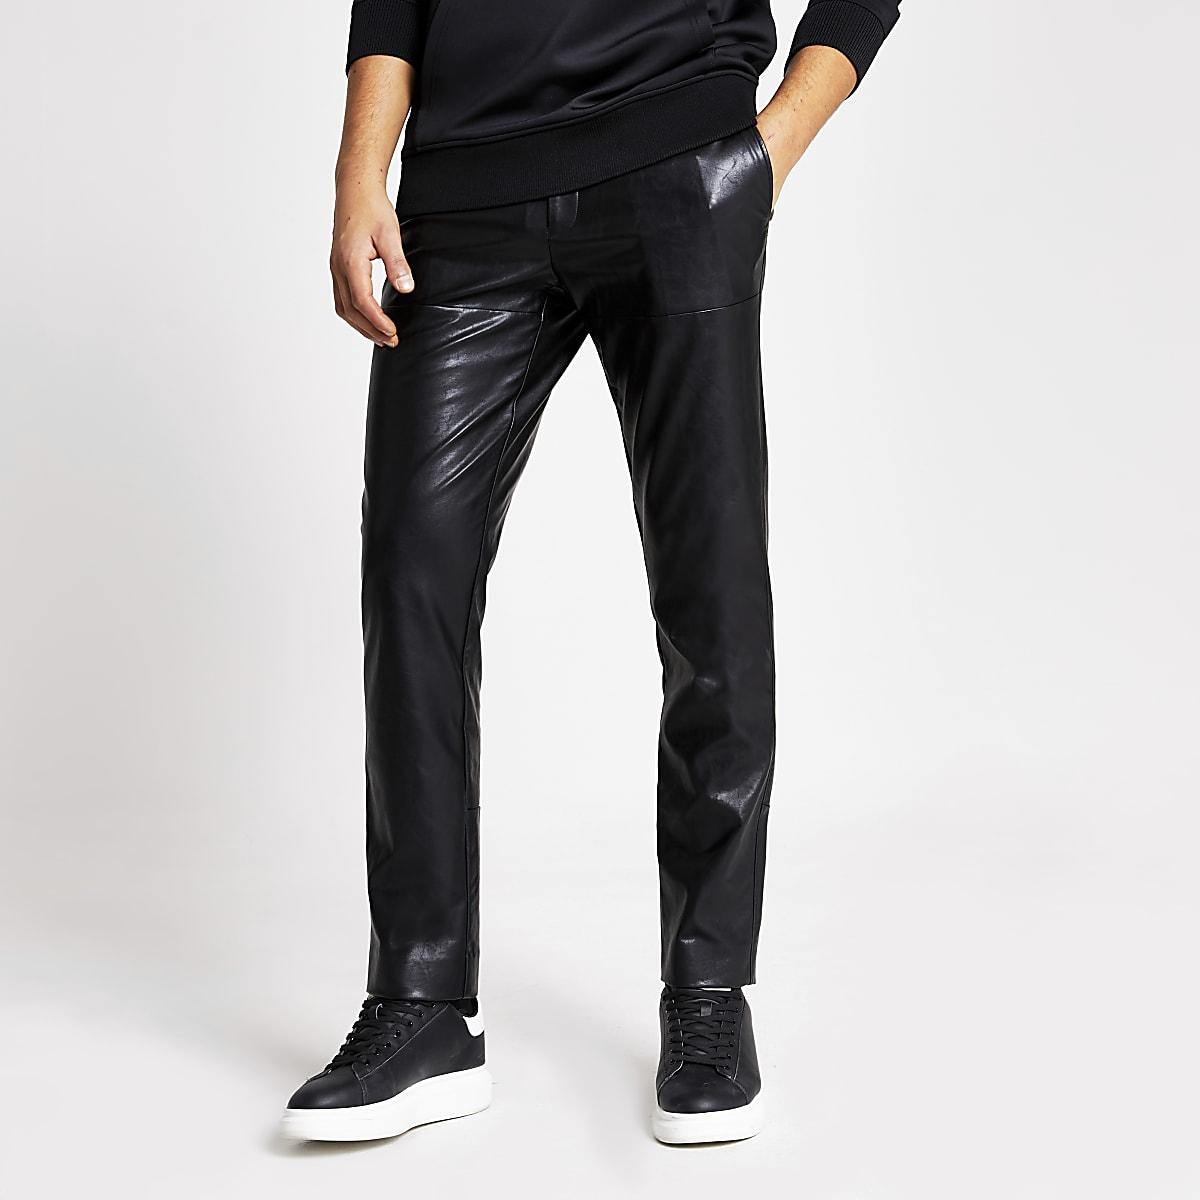 Pantalon skinny imitation cuir noir